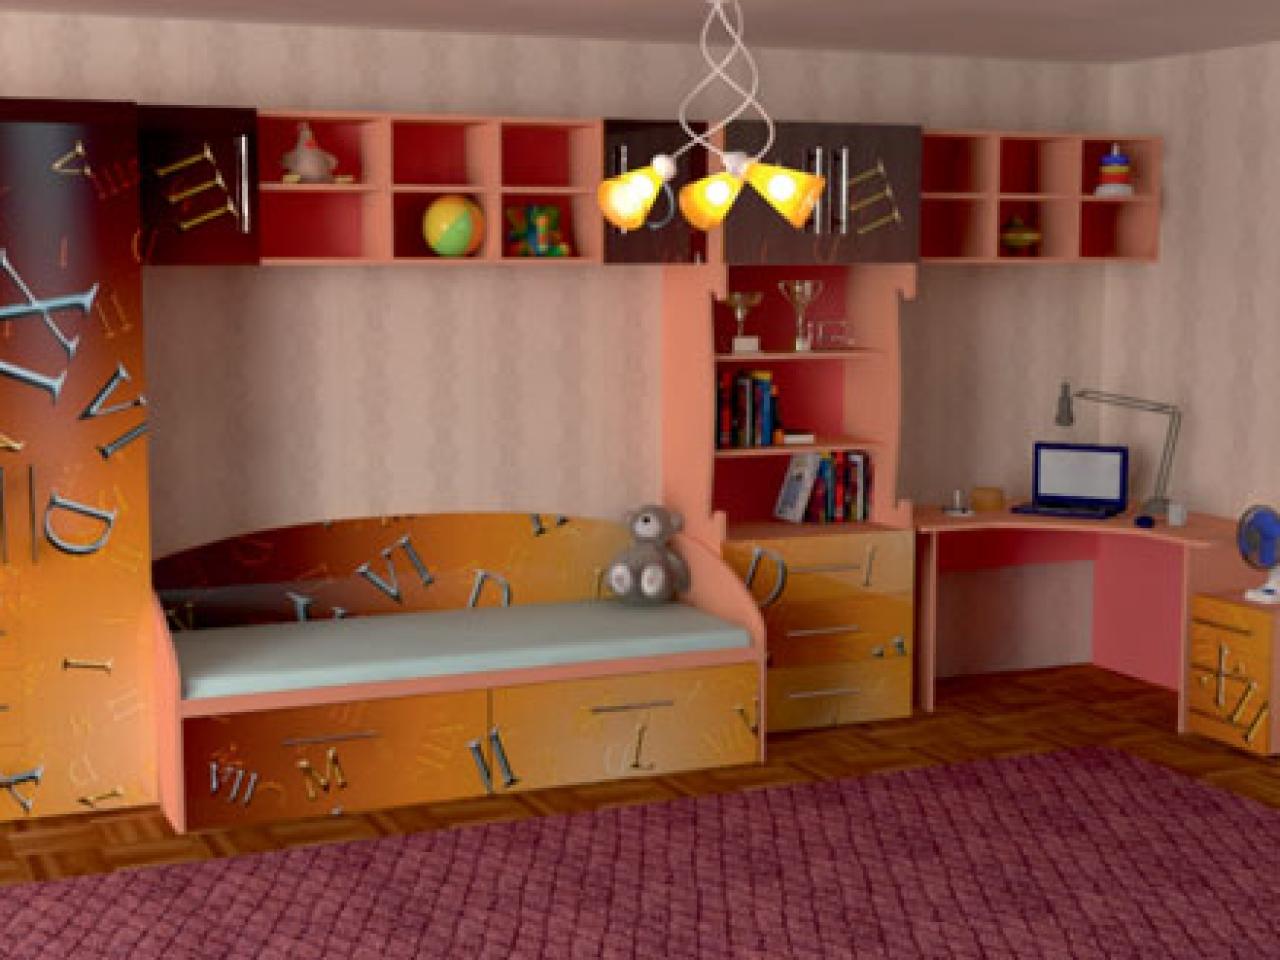 """Avk-мебель"""" - детская мебель."""